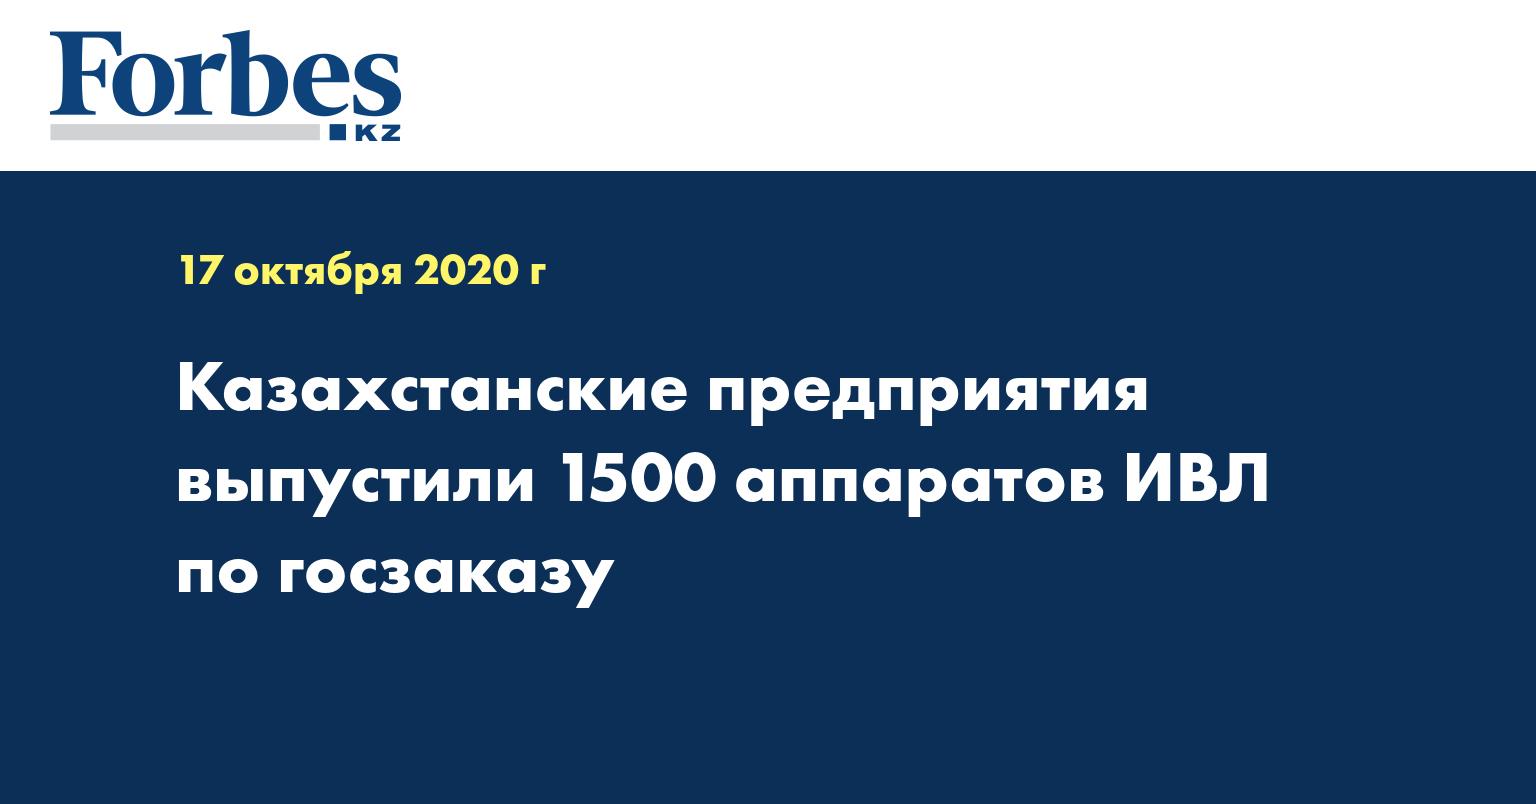 Казахстанские предприятия выпустили 1500 аппаратов ИВЛ по госзаказу